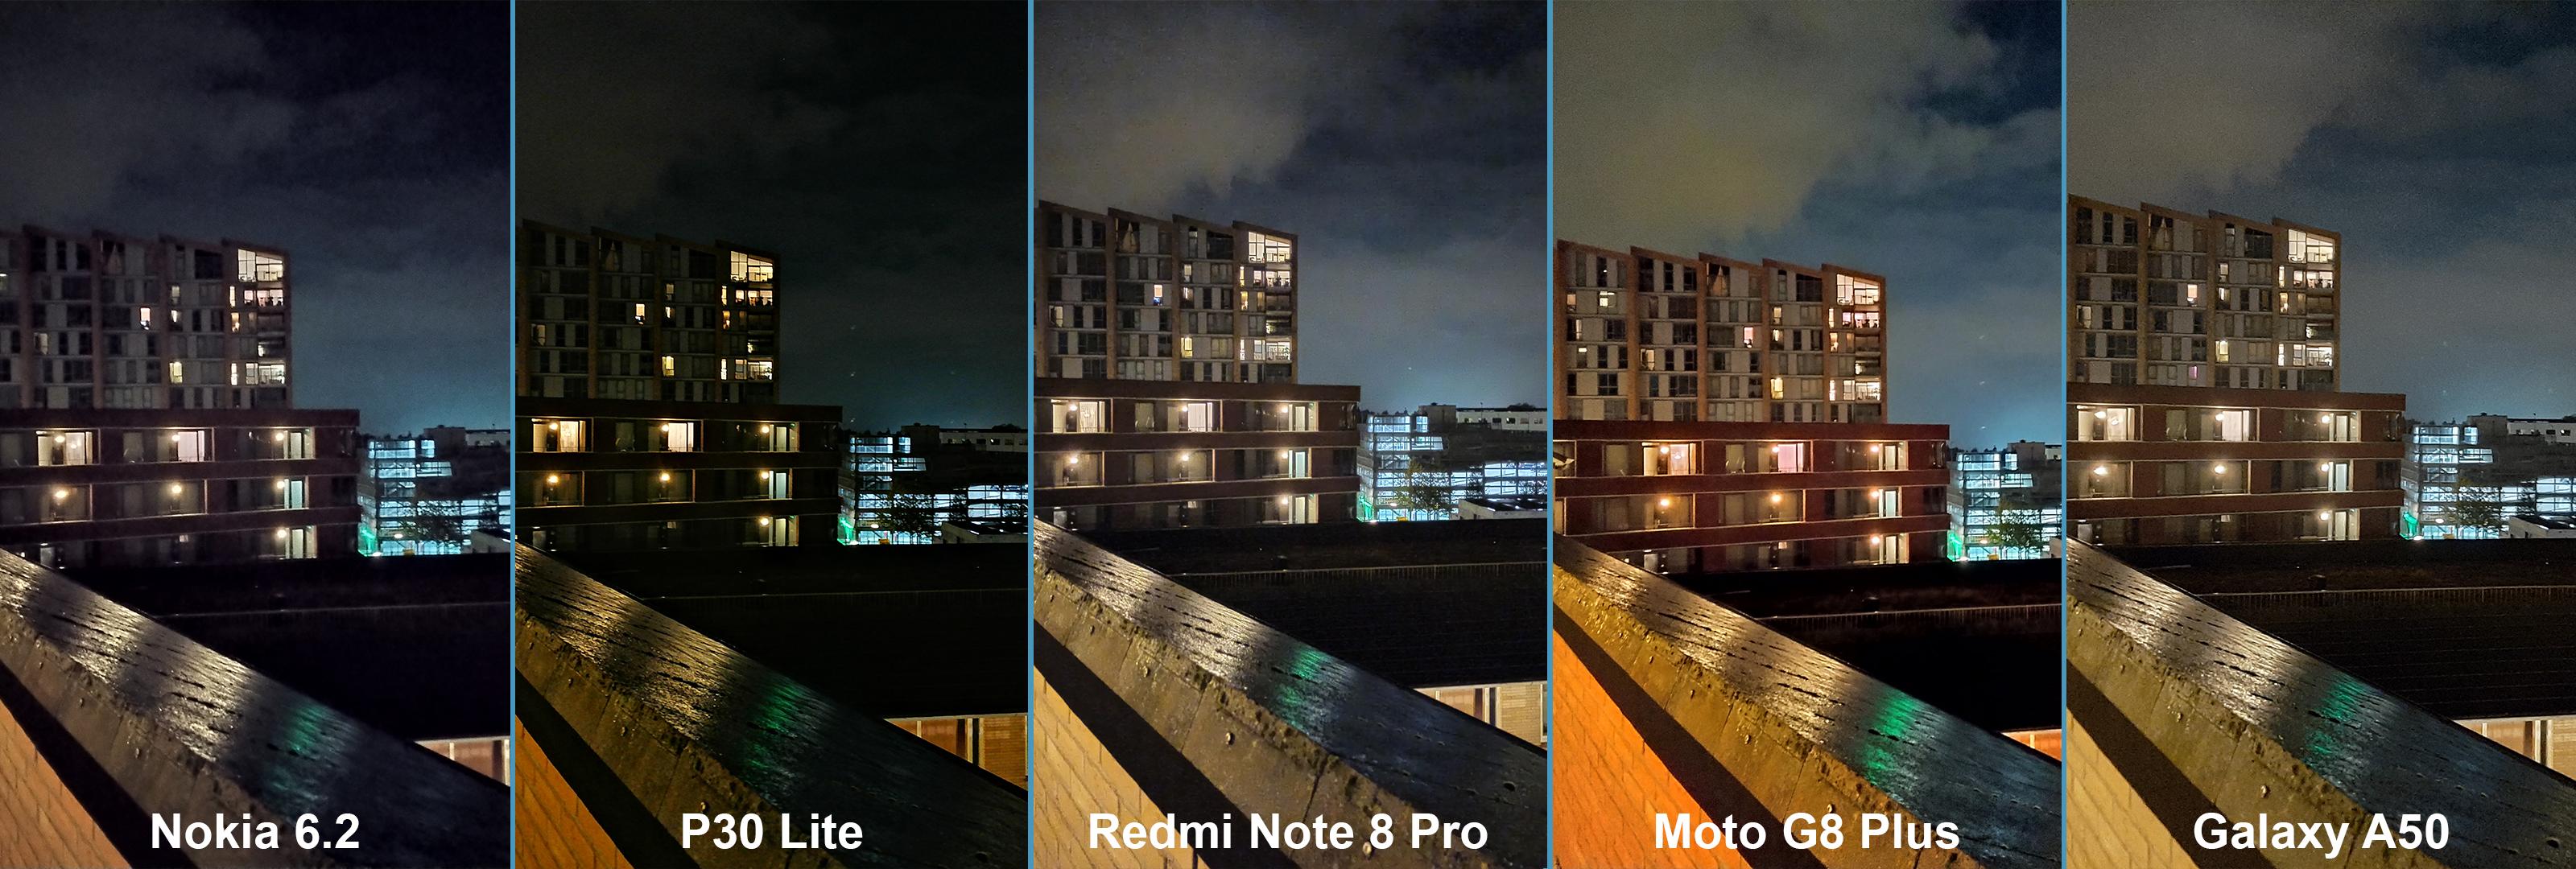 Budgetsmartphones camera vergelijking nachtmodus